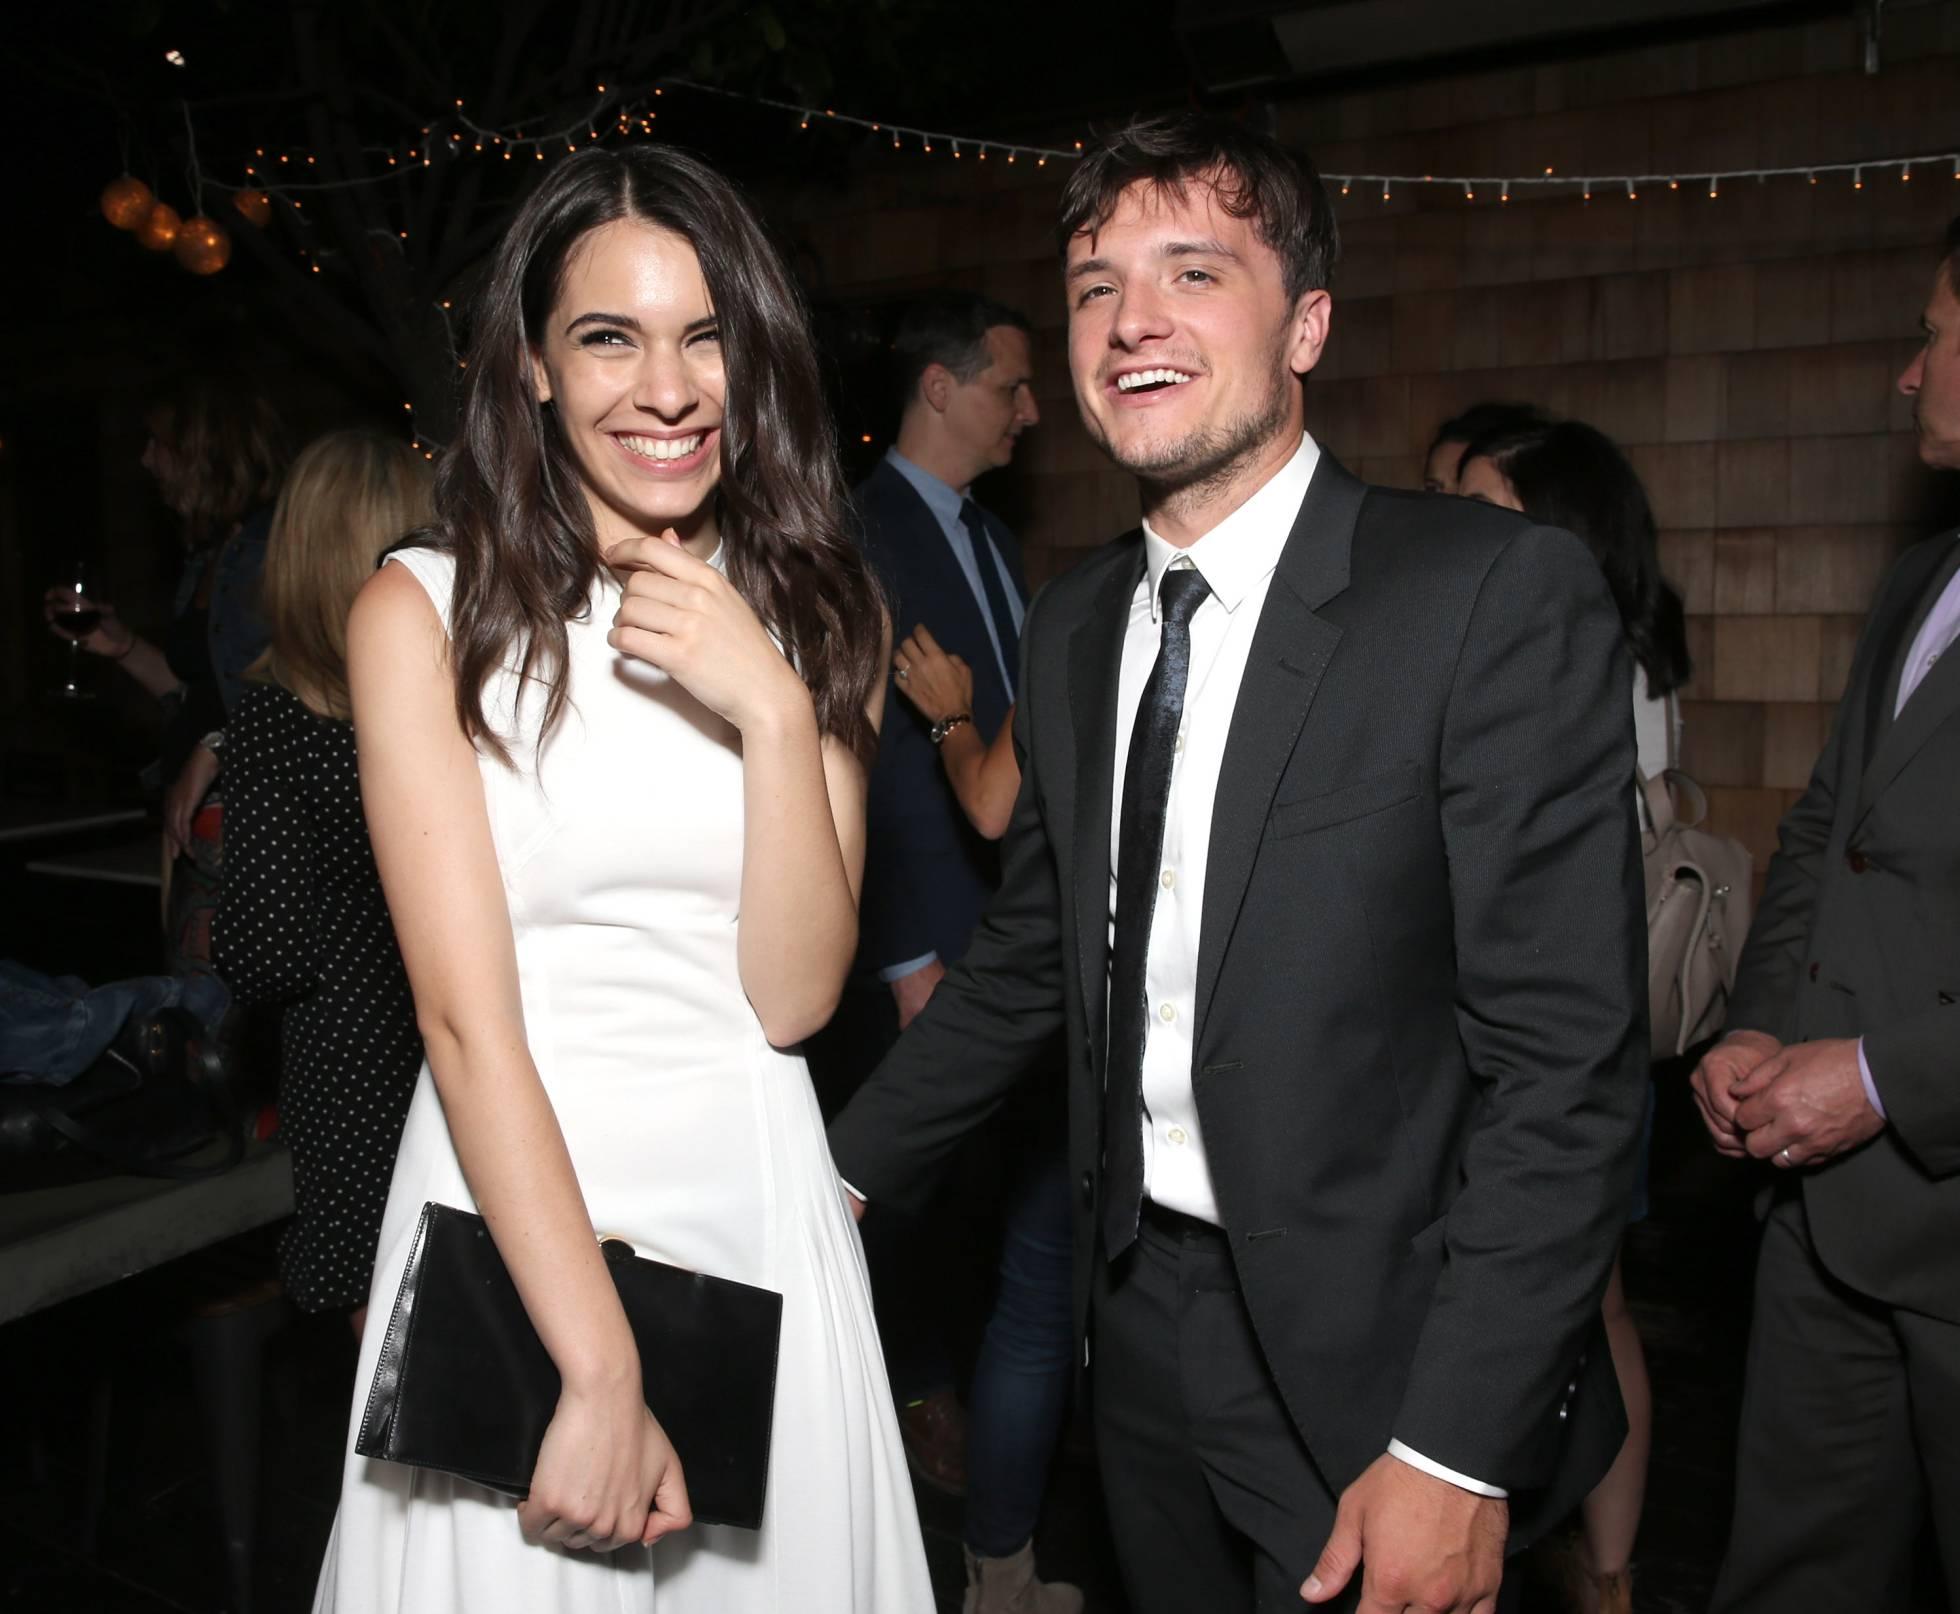 Голливудские знаменитости влюбляются в испанок и Испанию